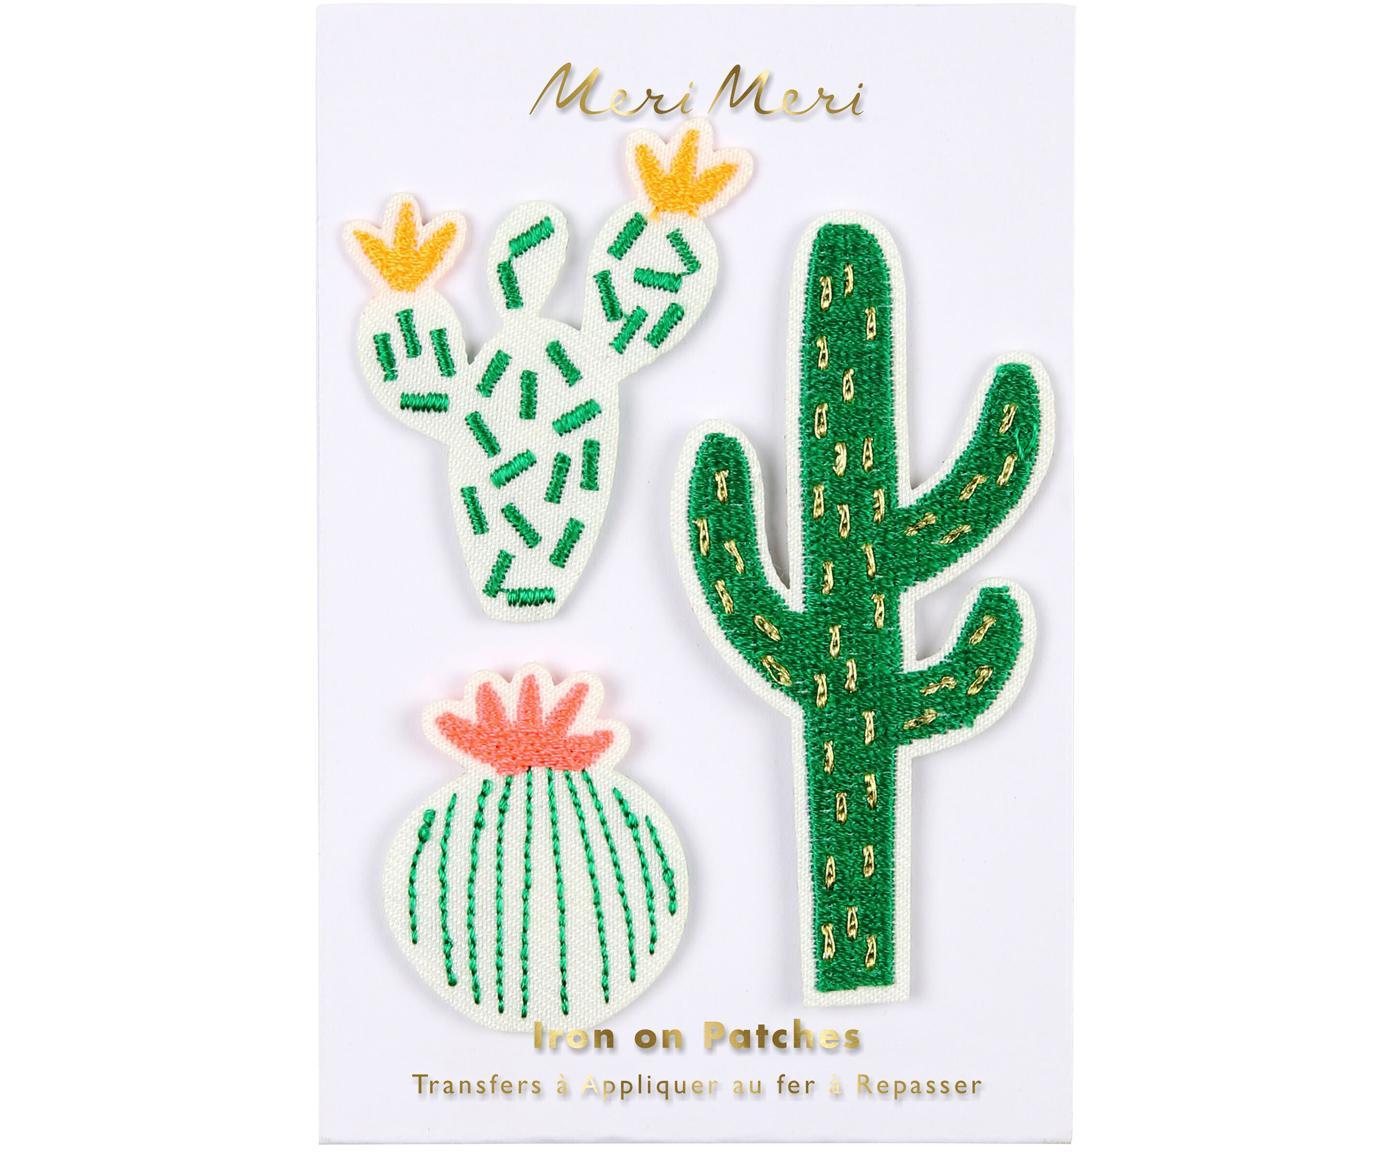 Komplet łat Cactus, 3 elem., Płótno bawełniane, Zielony, biały, blady różowy, żółty, Różne rozmiary